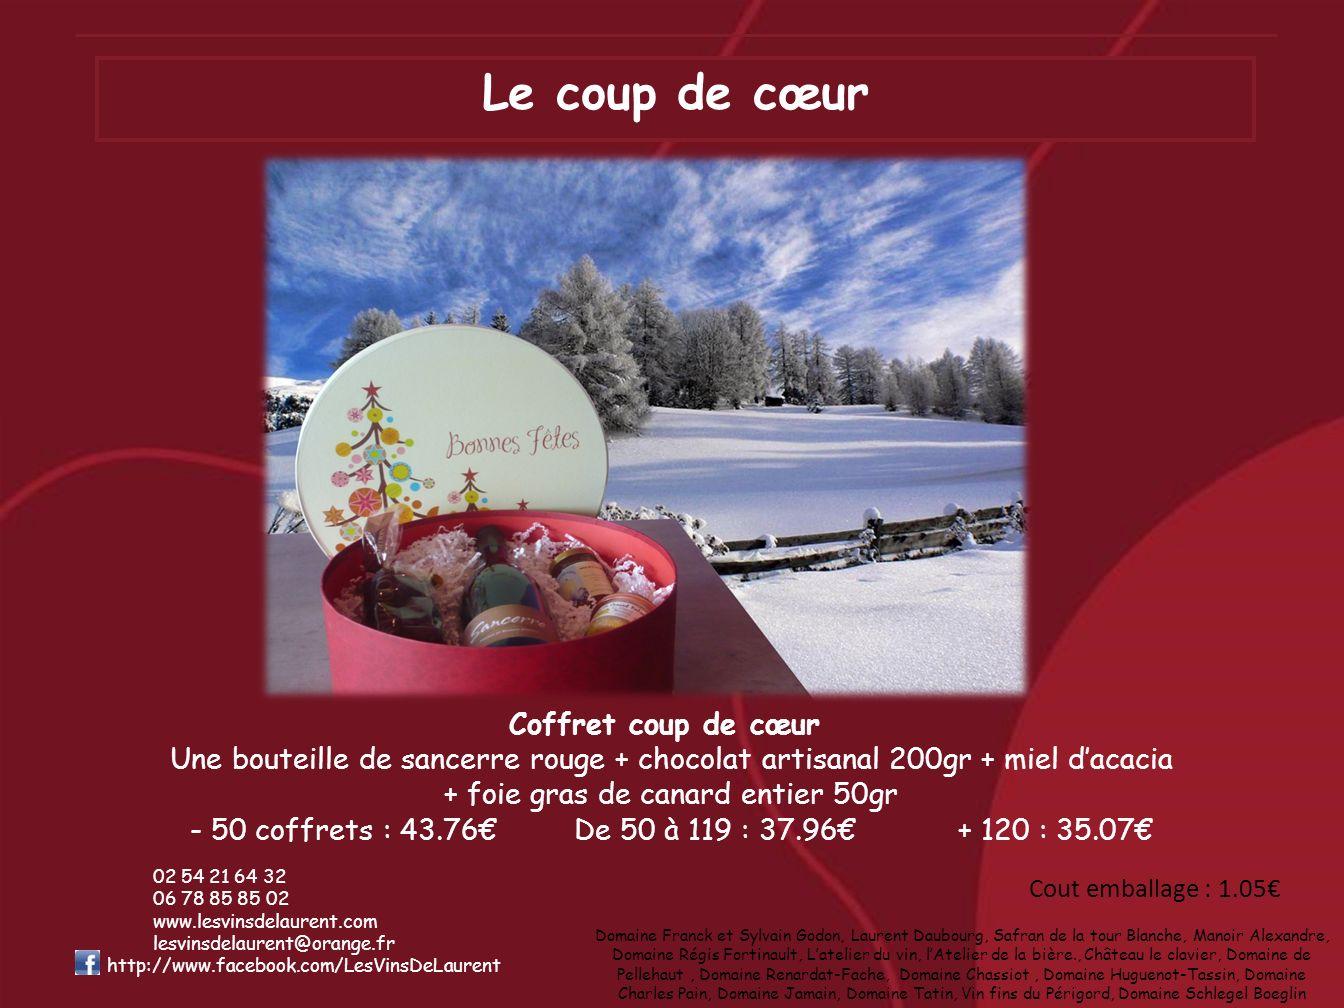 Le coup de cœur Coffret coup de cœur Une bouteille de sancerre rouge + chocolat artisanal 200gr + miel dacacia + foie gras de canard entier 50gr - 50